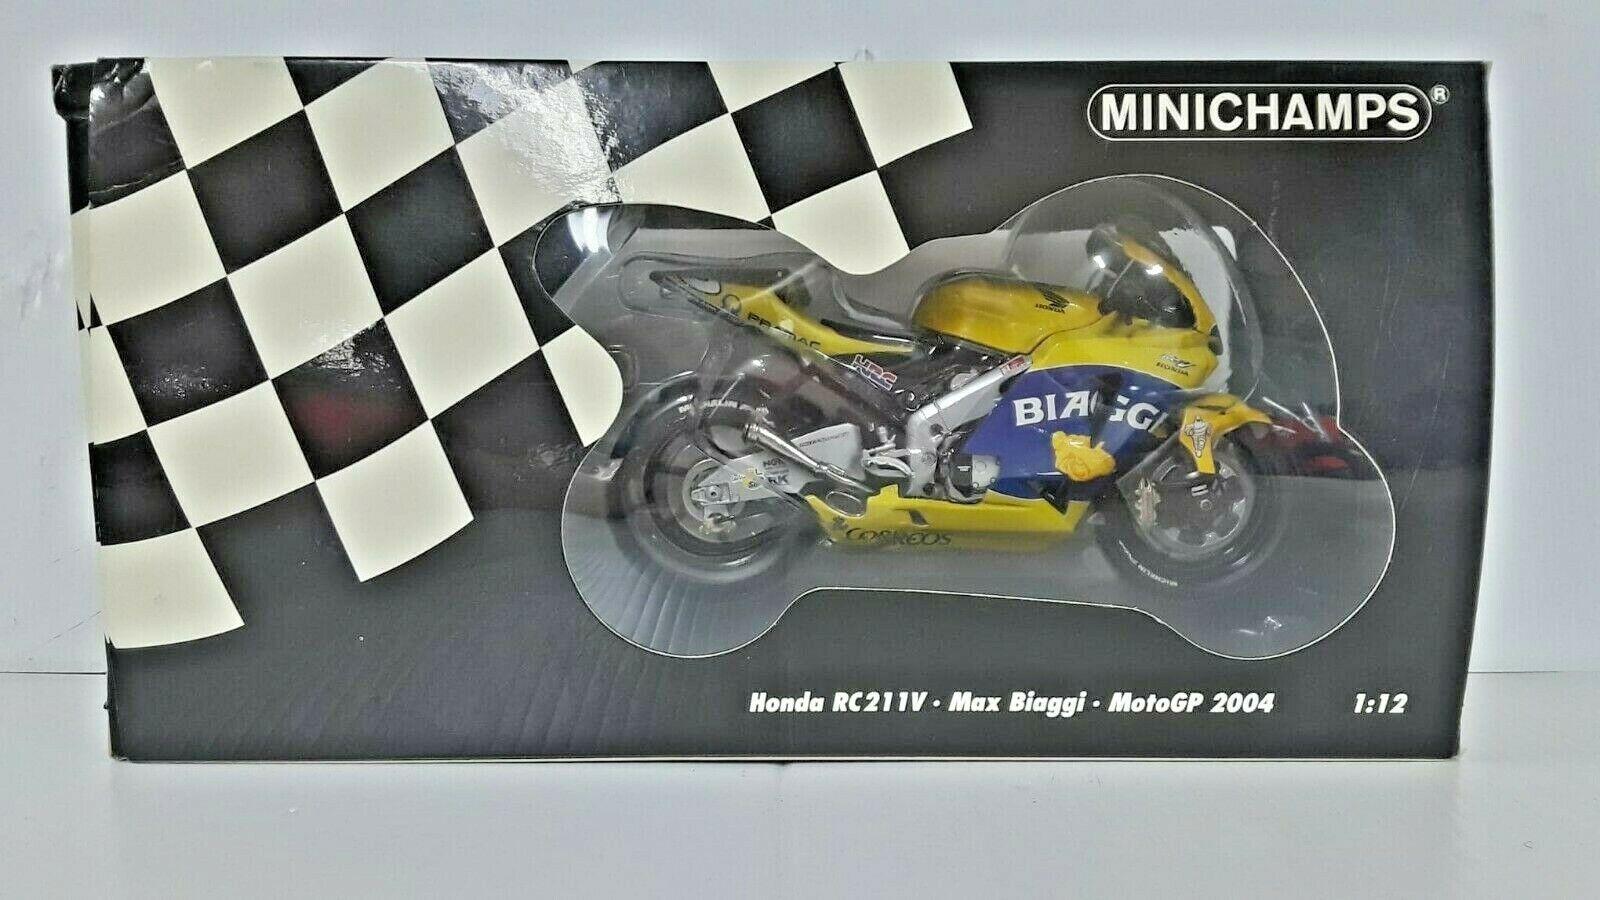 Vintage Minichamps Honda RC211V Max Biaggi grand prix moto 2004 1 12 CAMEL RACING